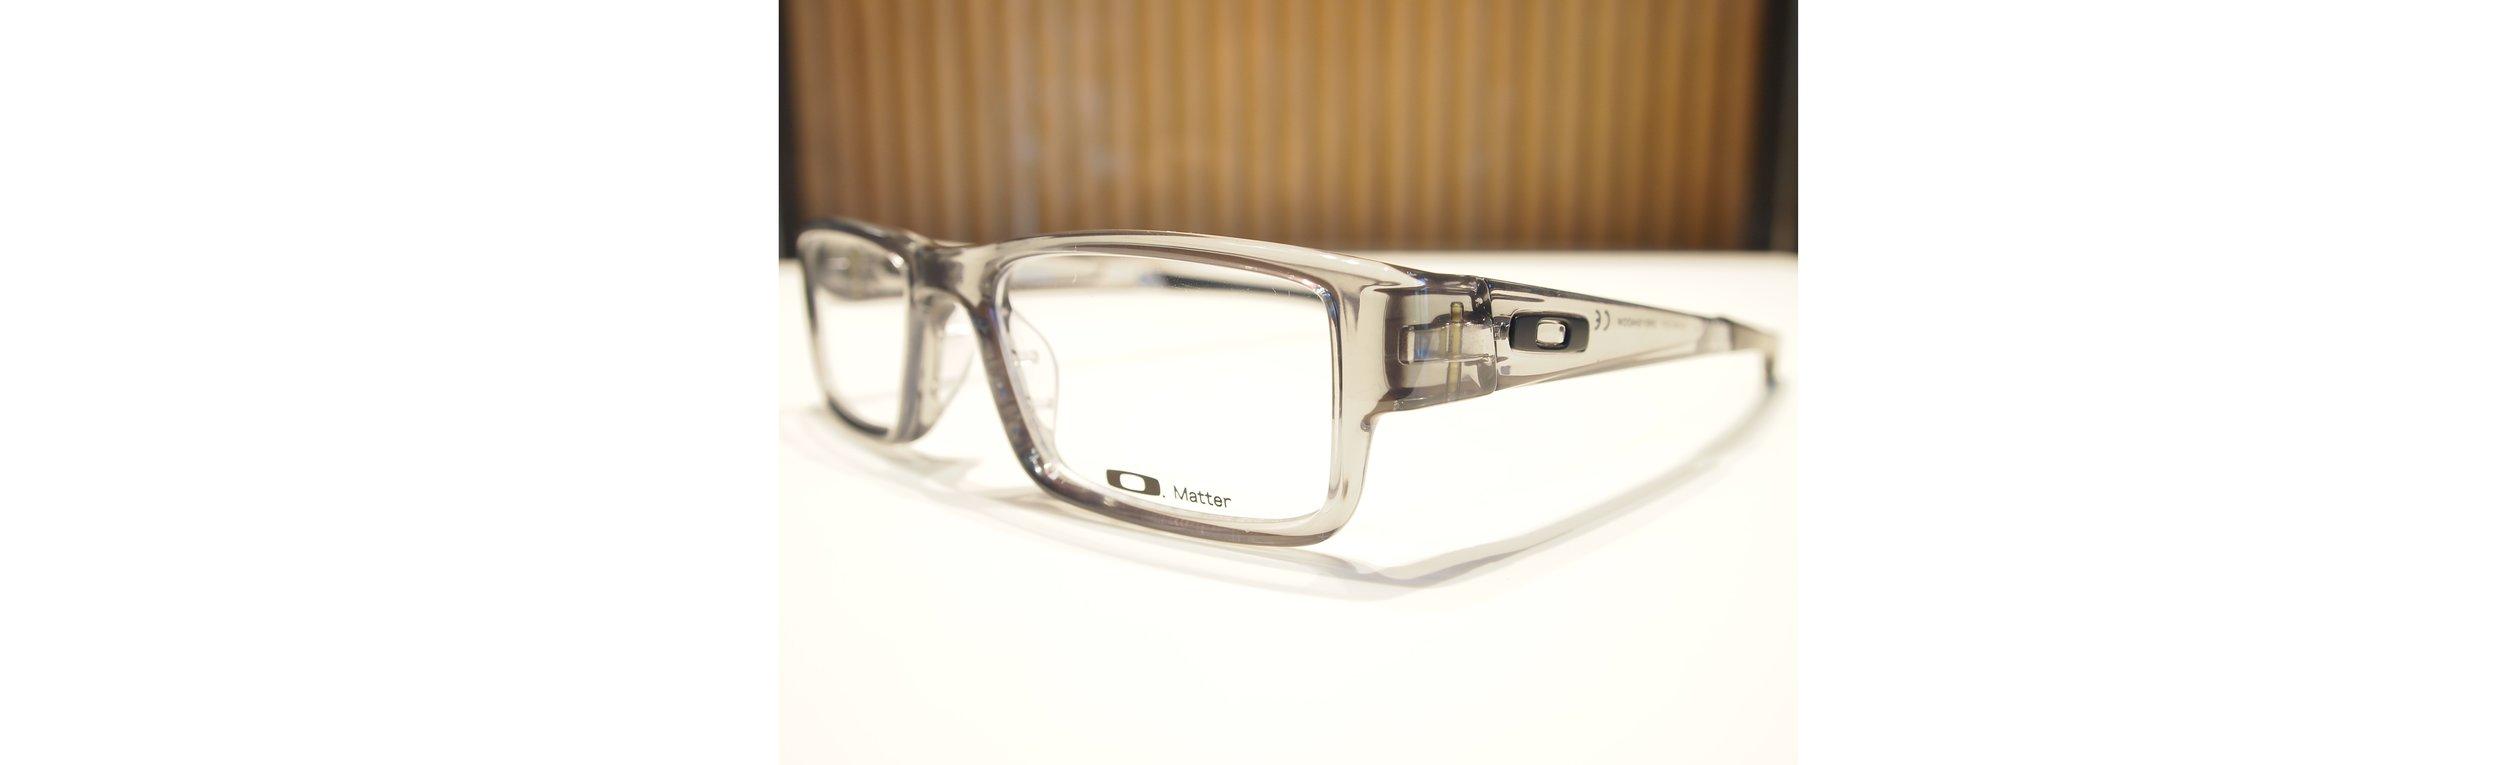 Oakley 8B - Copy.JPG